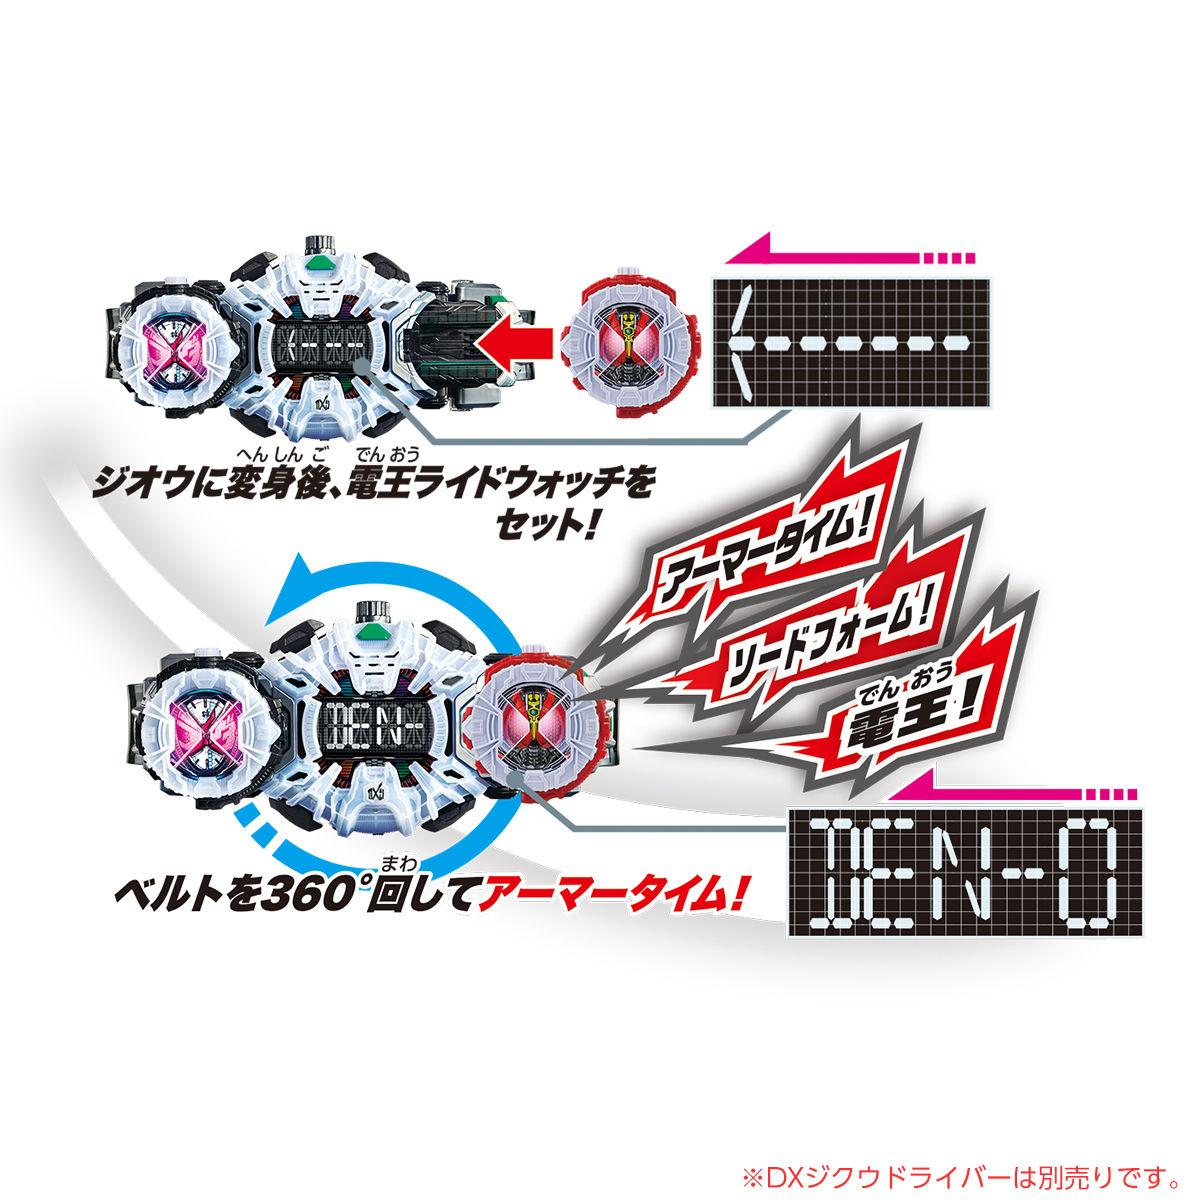 仮面ライダージオウ『DXライドウォッチダイザー&電王ライドウォッチ』変身なりきり-009